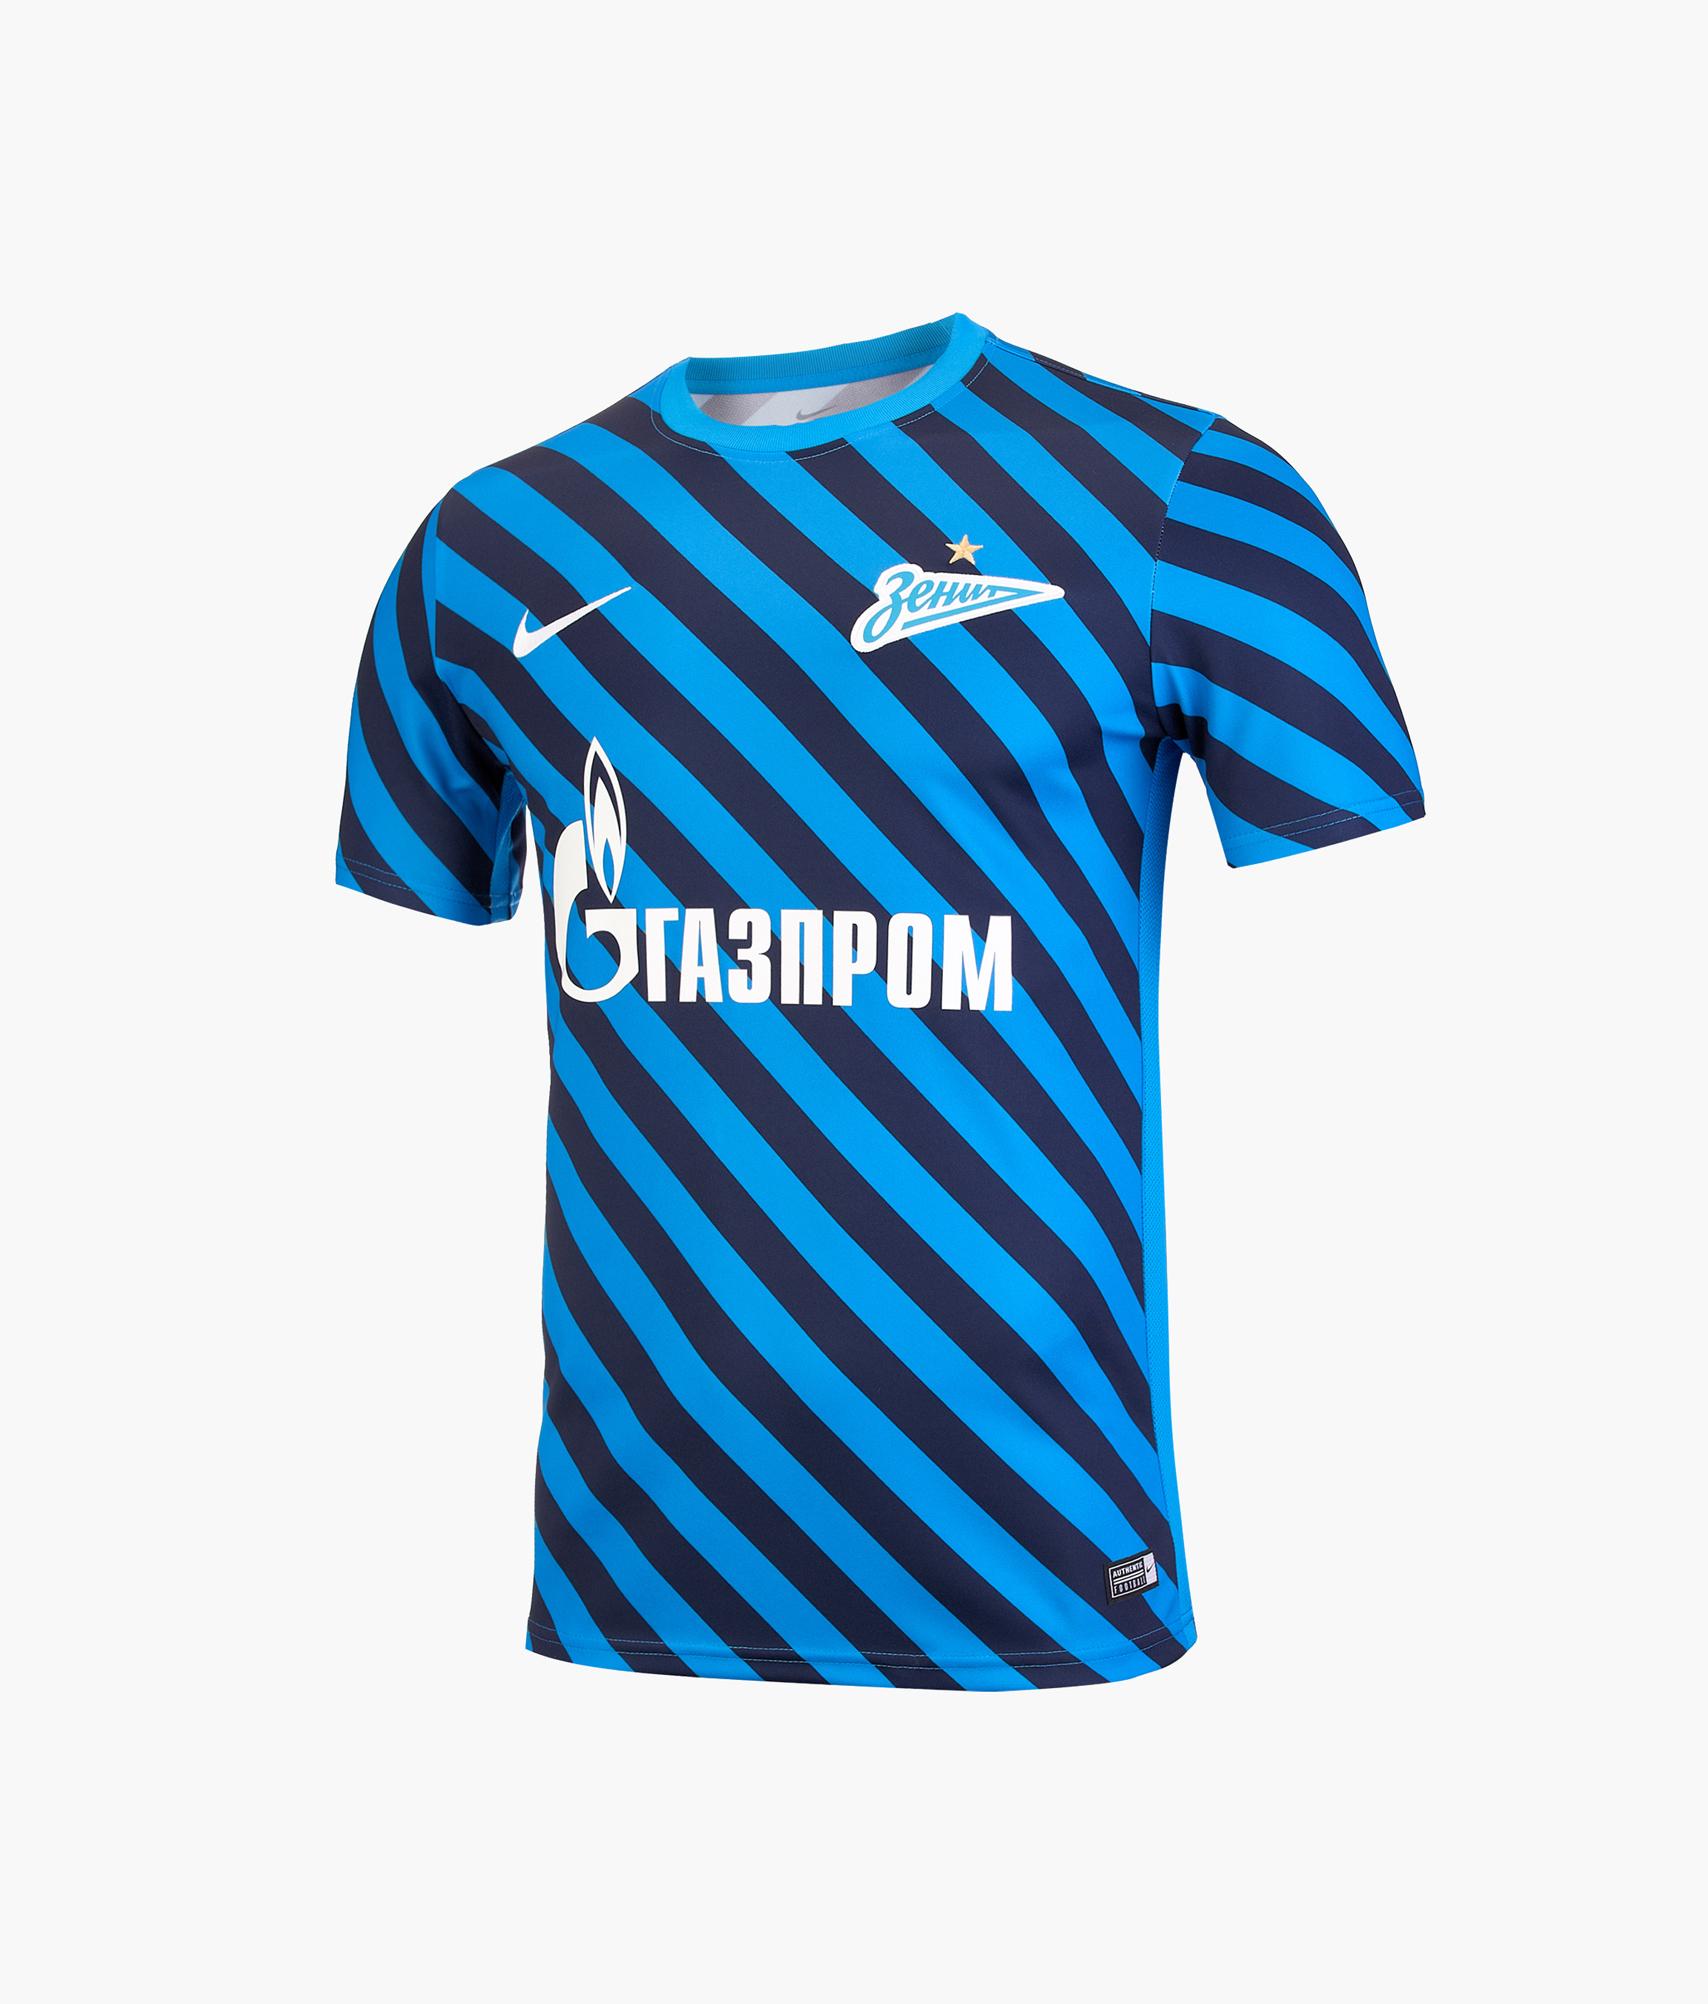 Предыгровая футболка Nike Zenit 2019/20 Nike Цвет-Синий цена 2017